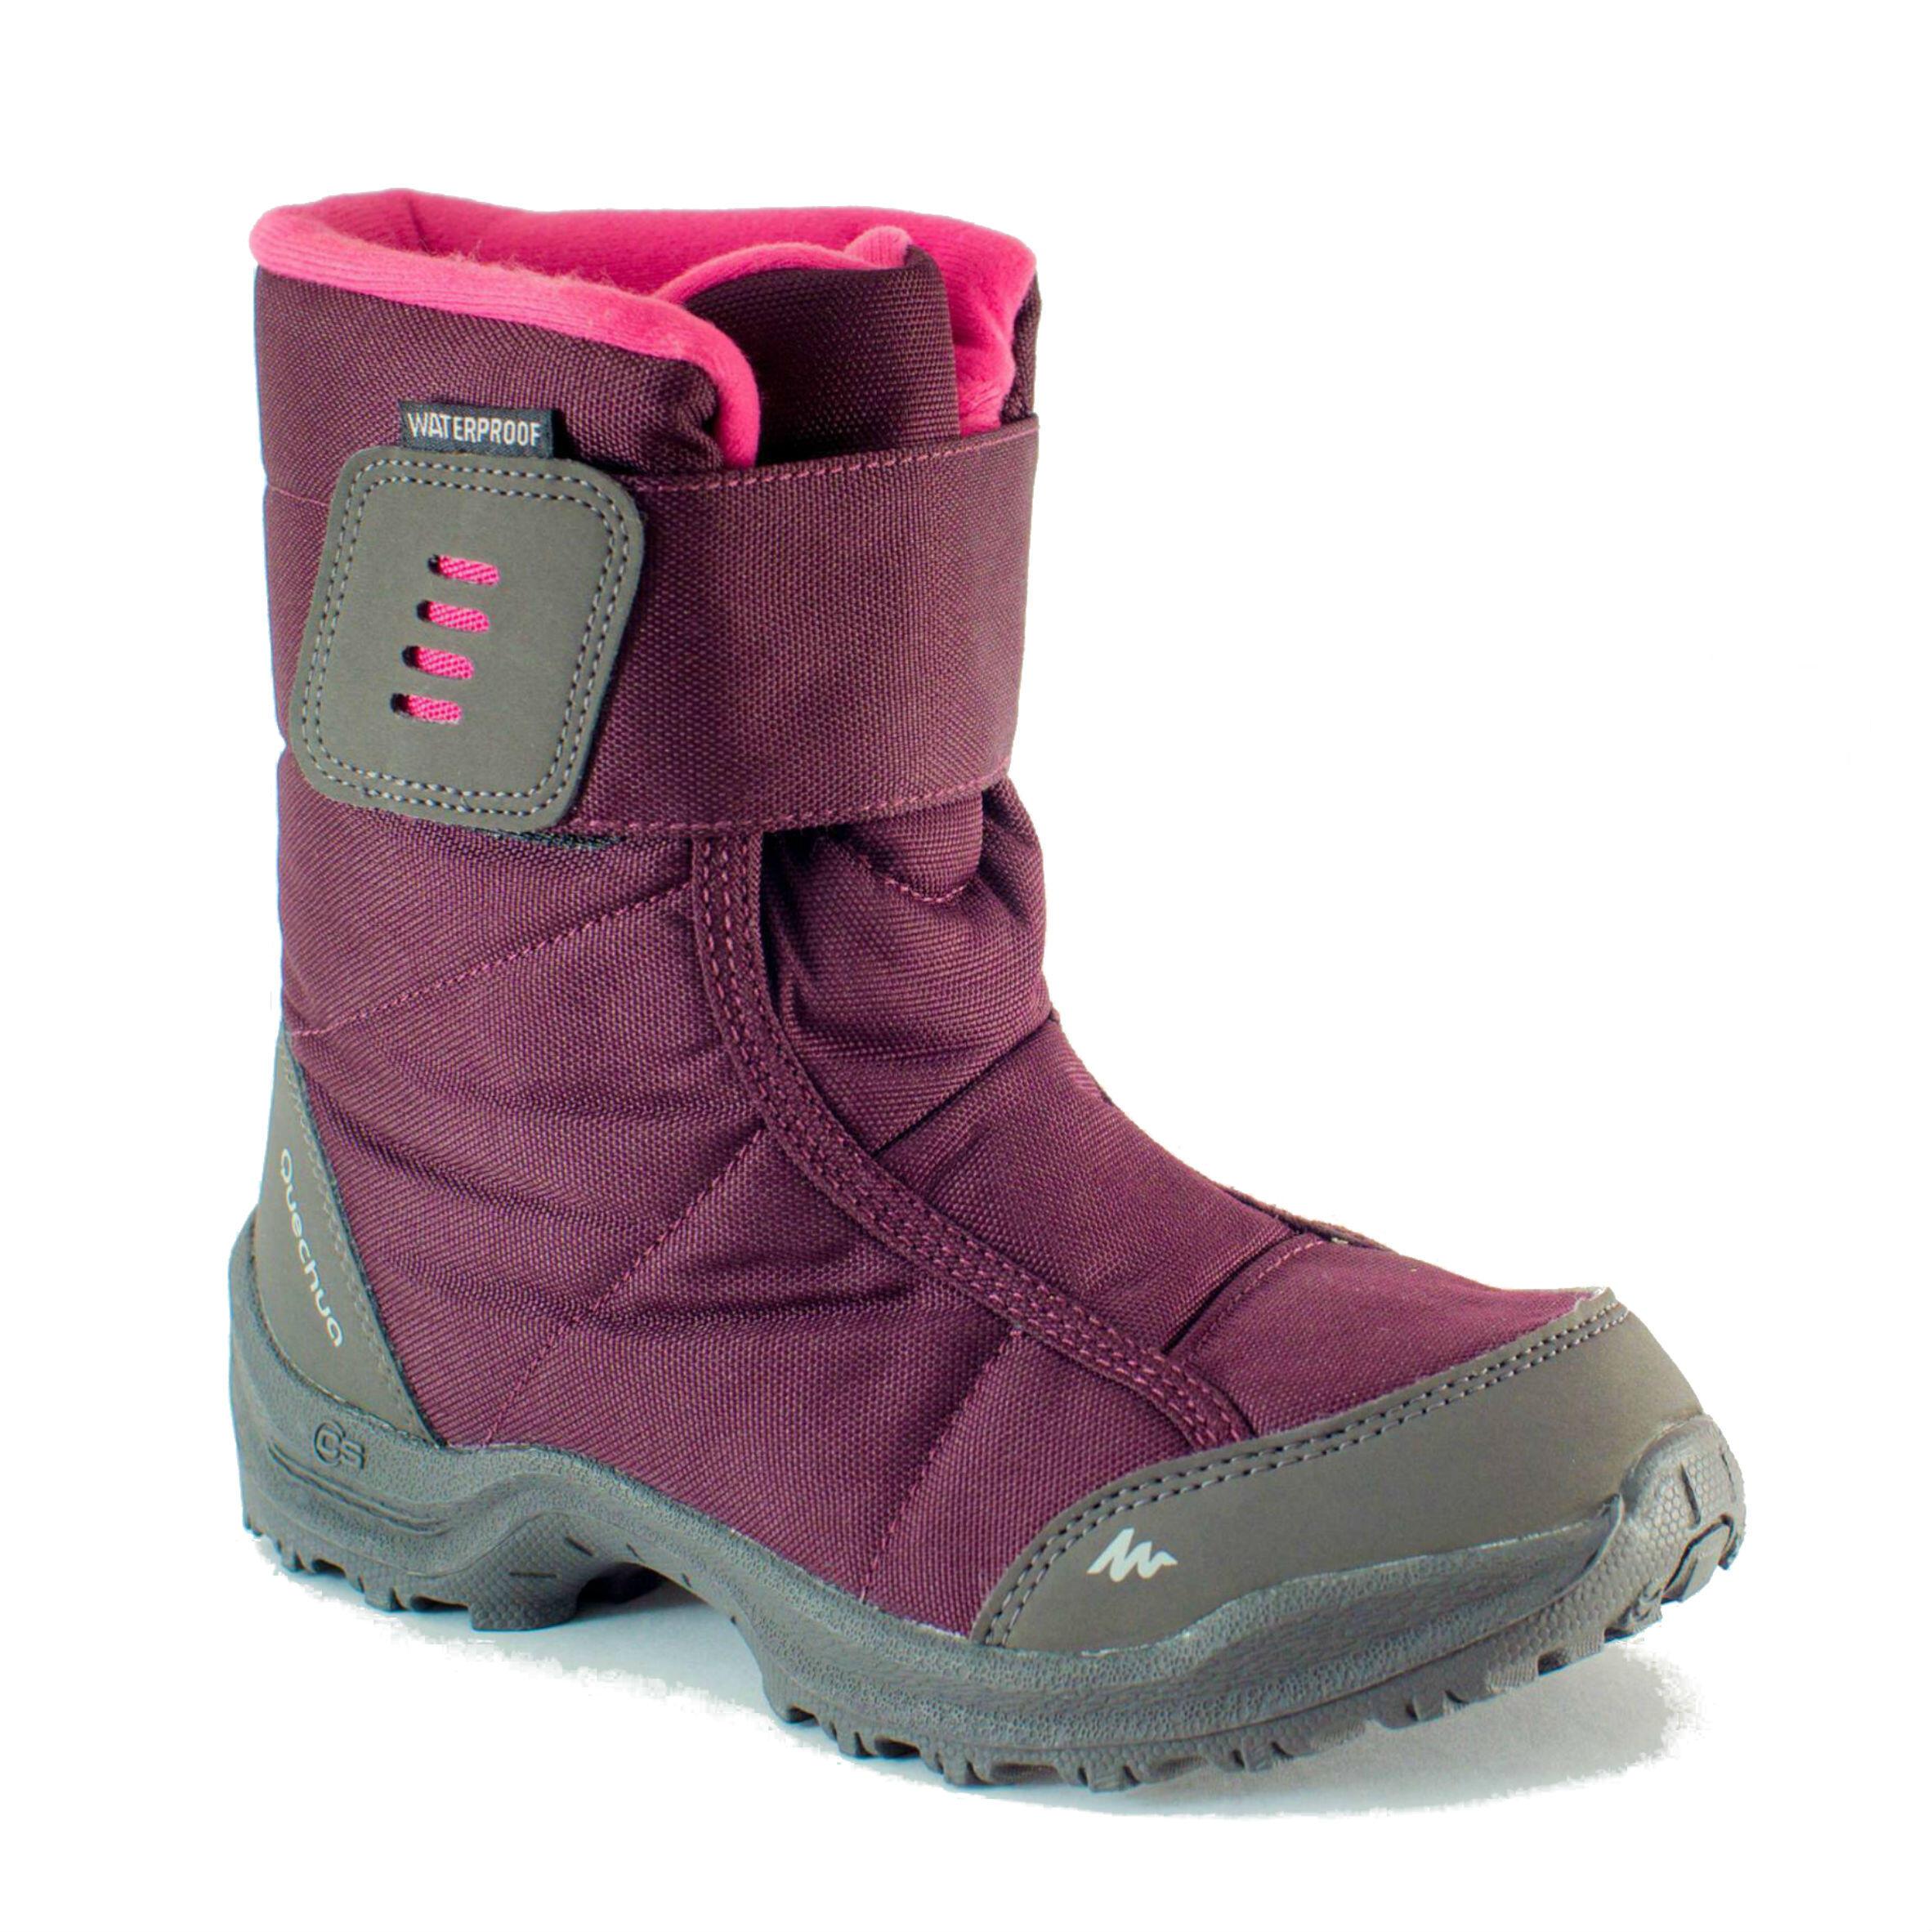 Quechua Wandellaarzen voor de sneeuw kinderen SH500 warm waterdicht